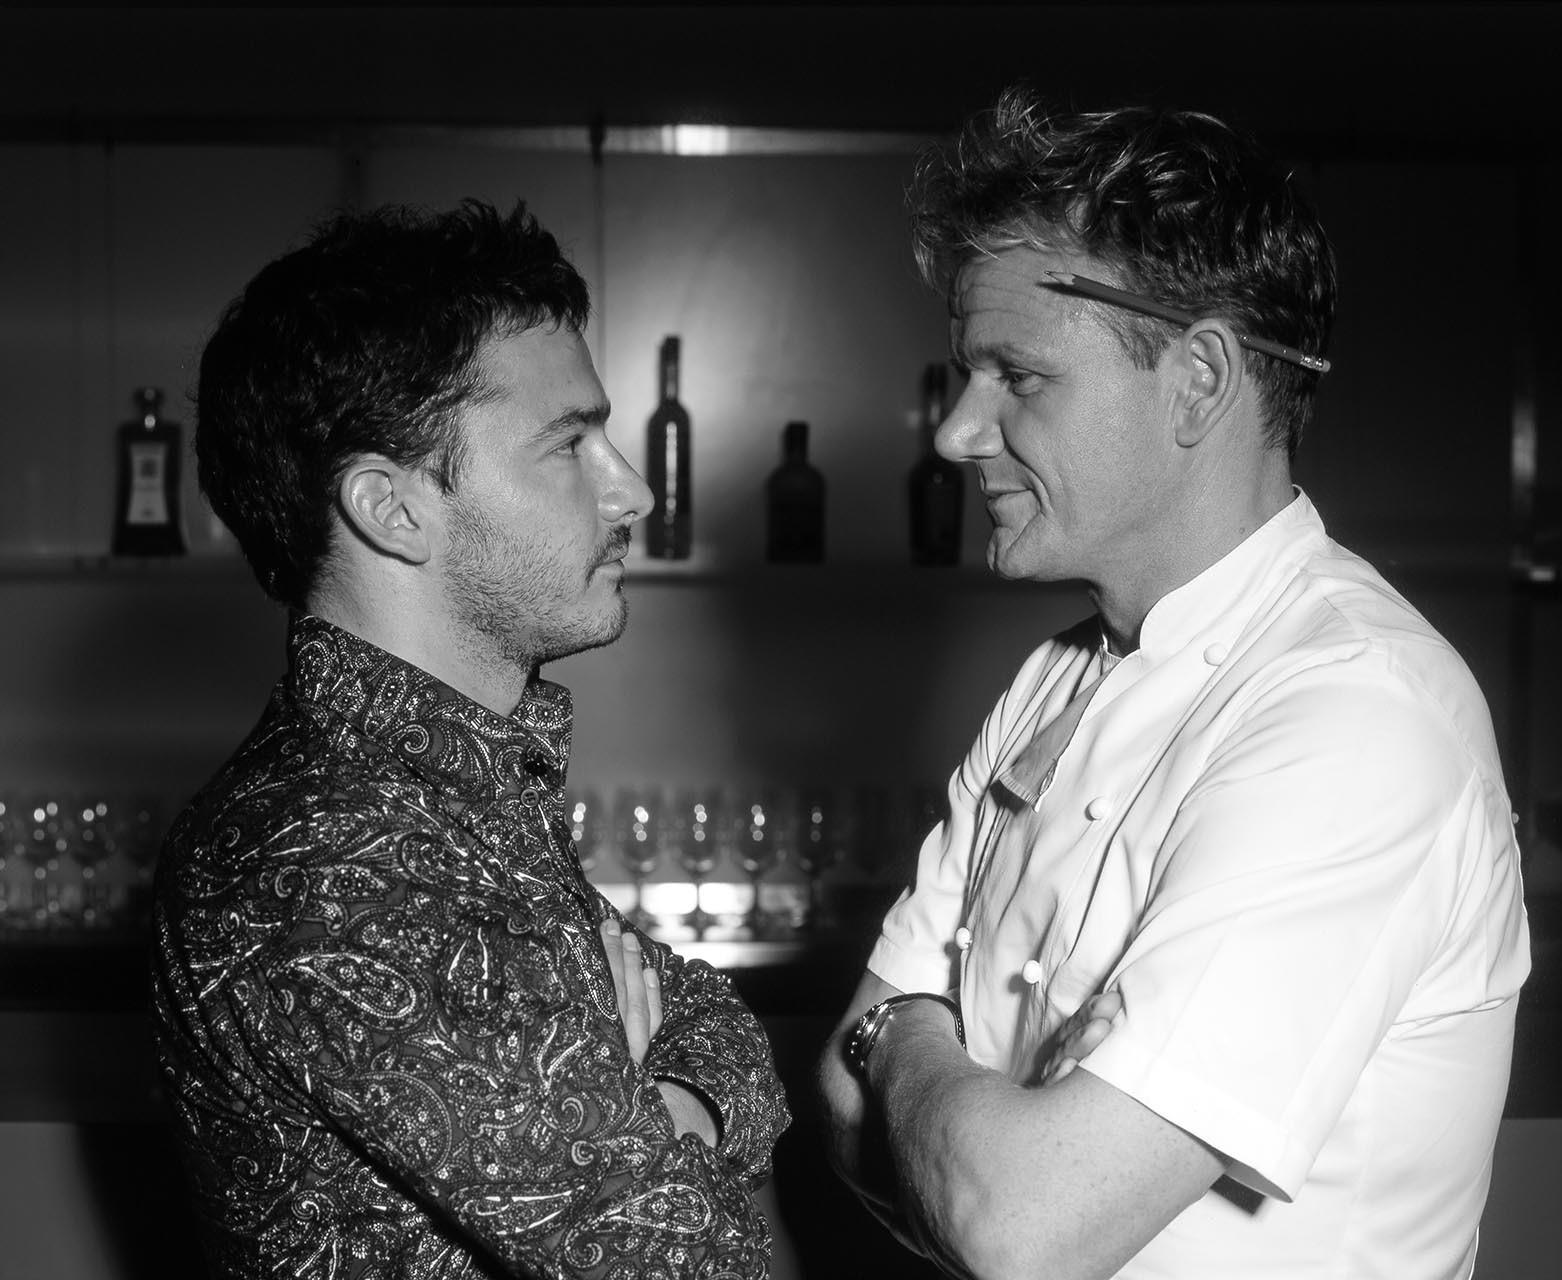 Gordon & Giles